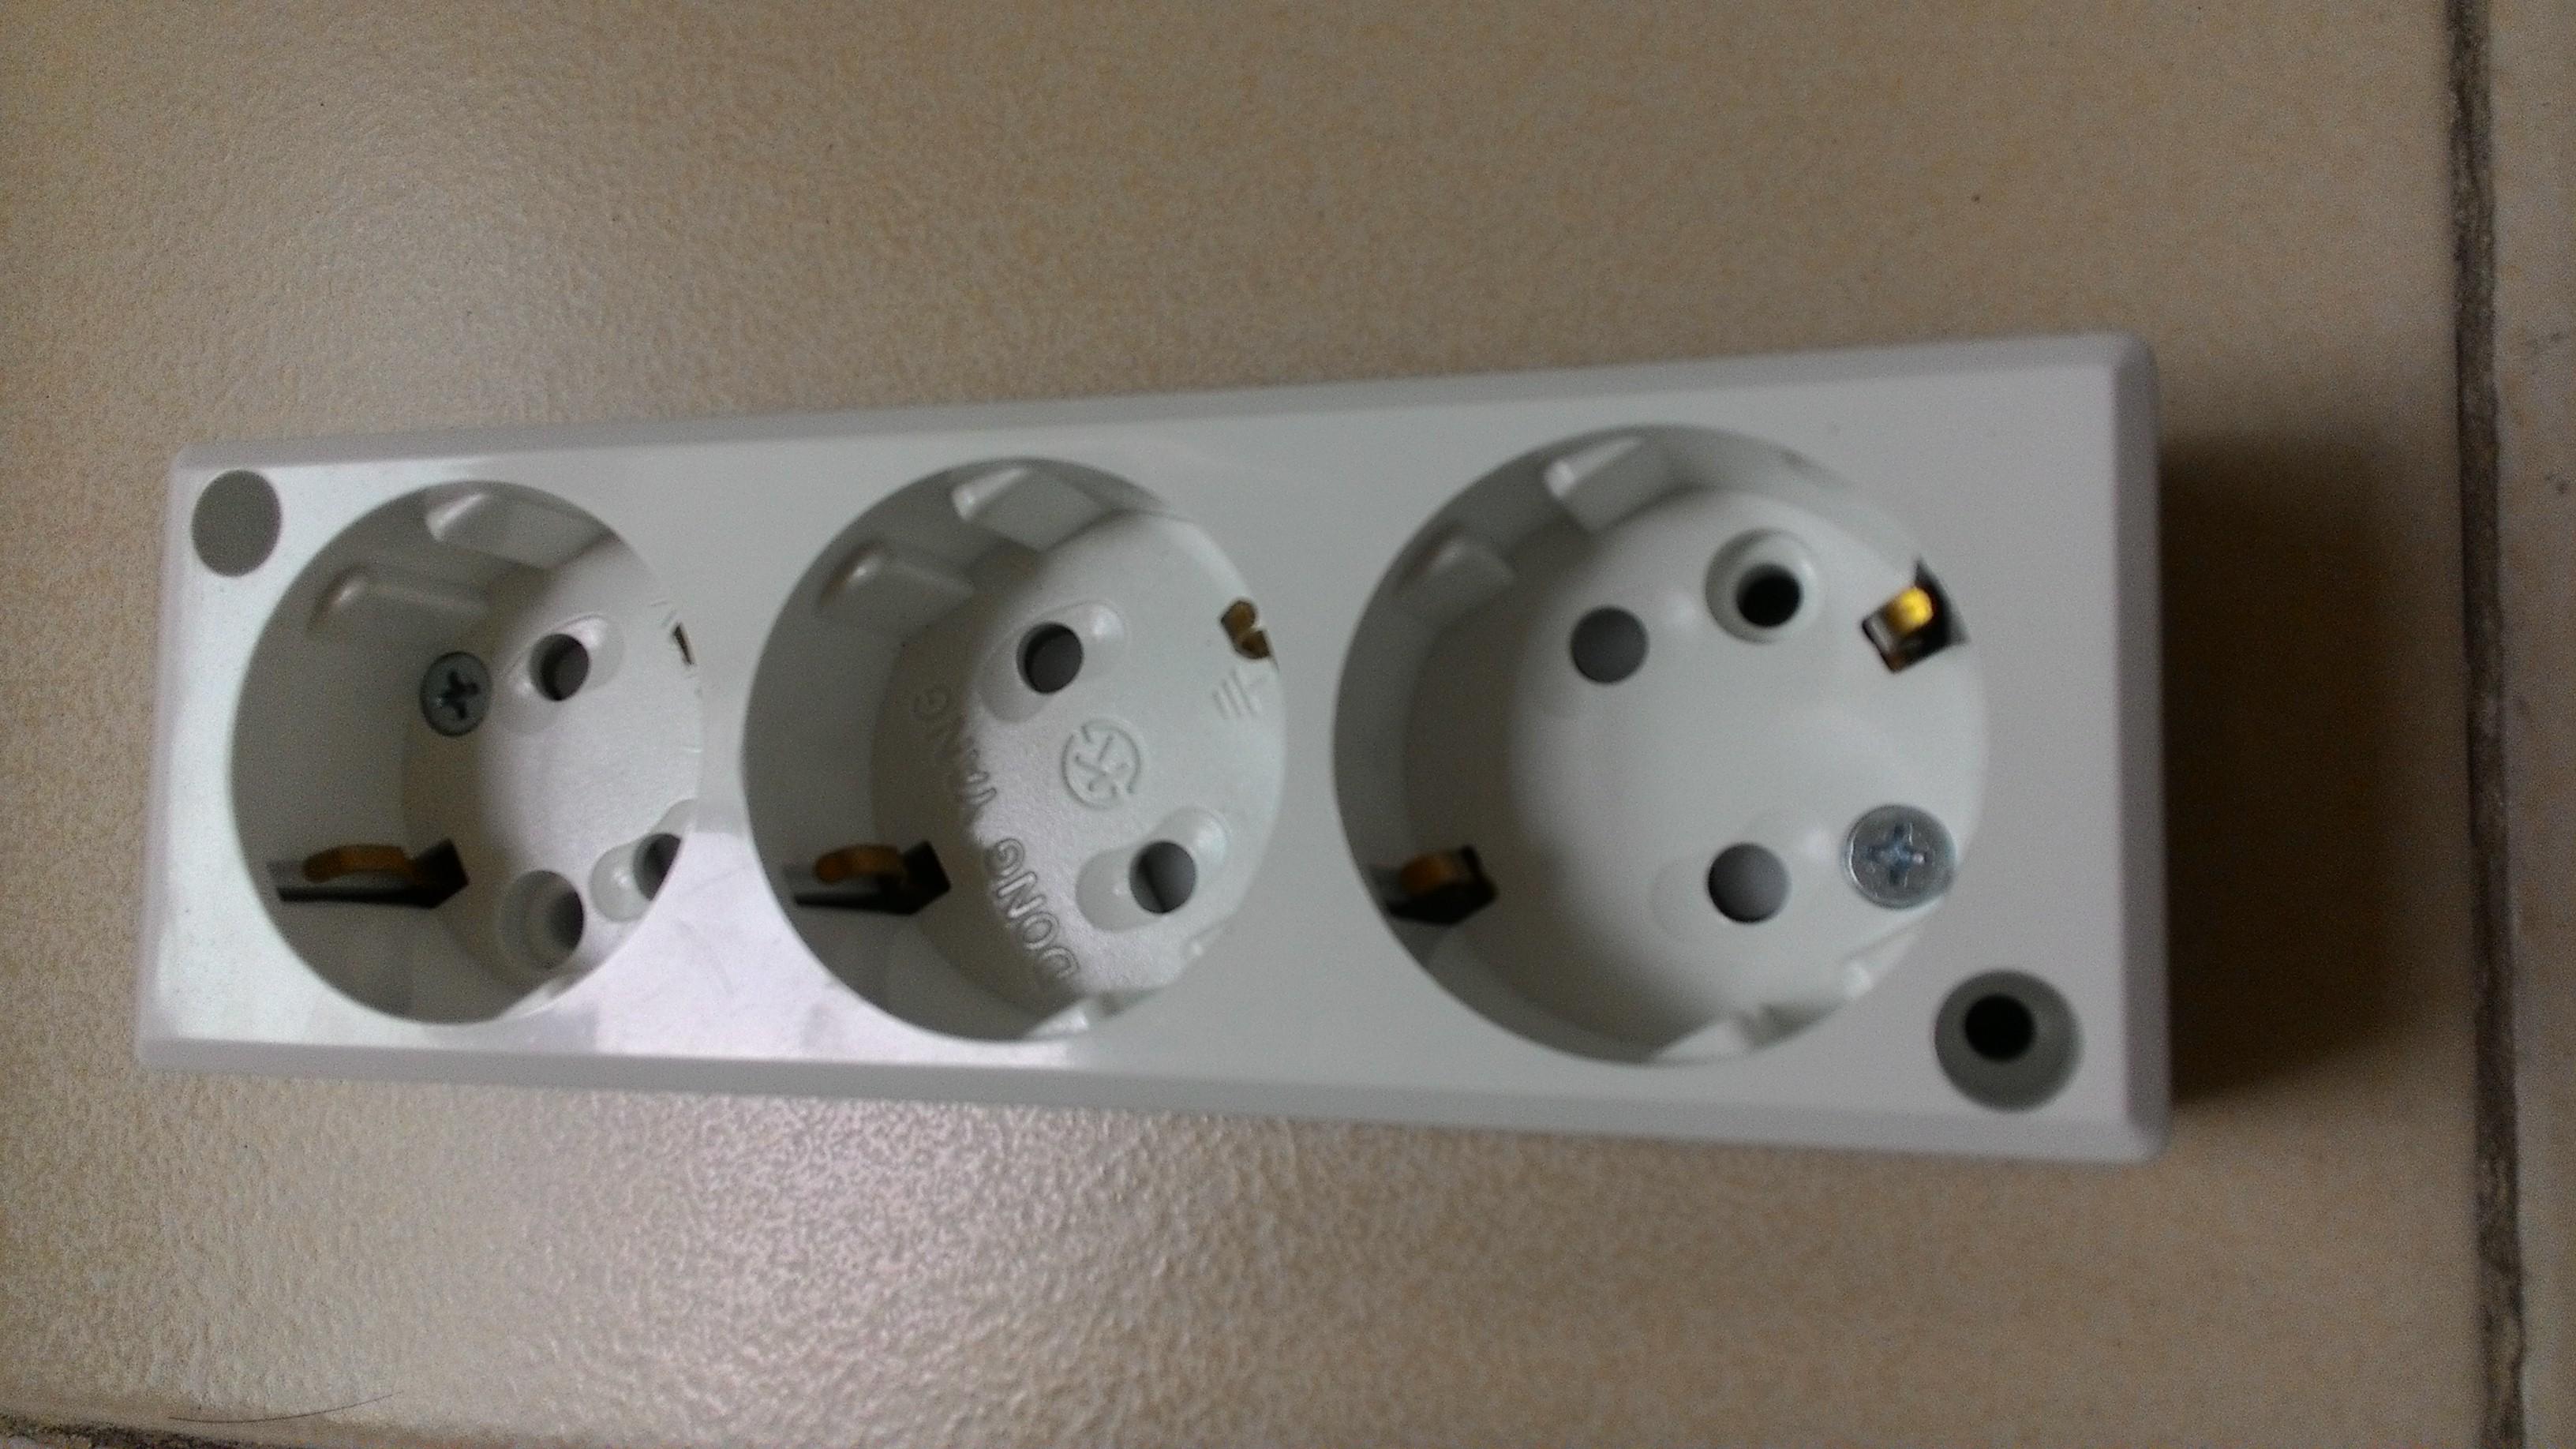 Ổ cắm điện 3 lỗ đế nổi hàn quốc